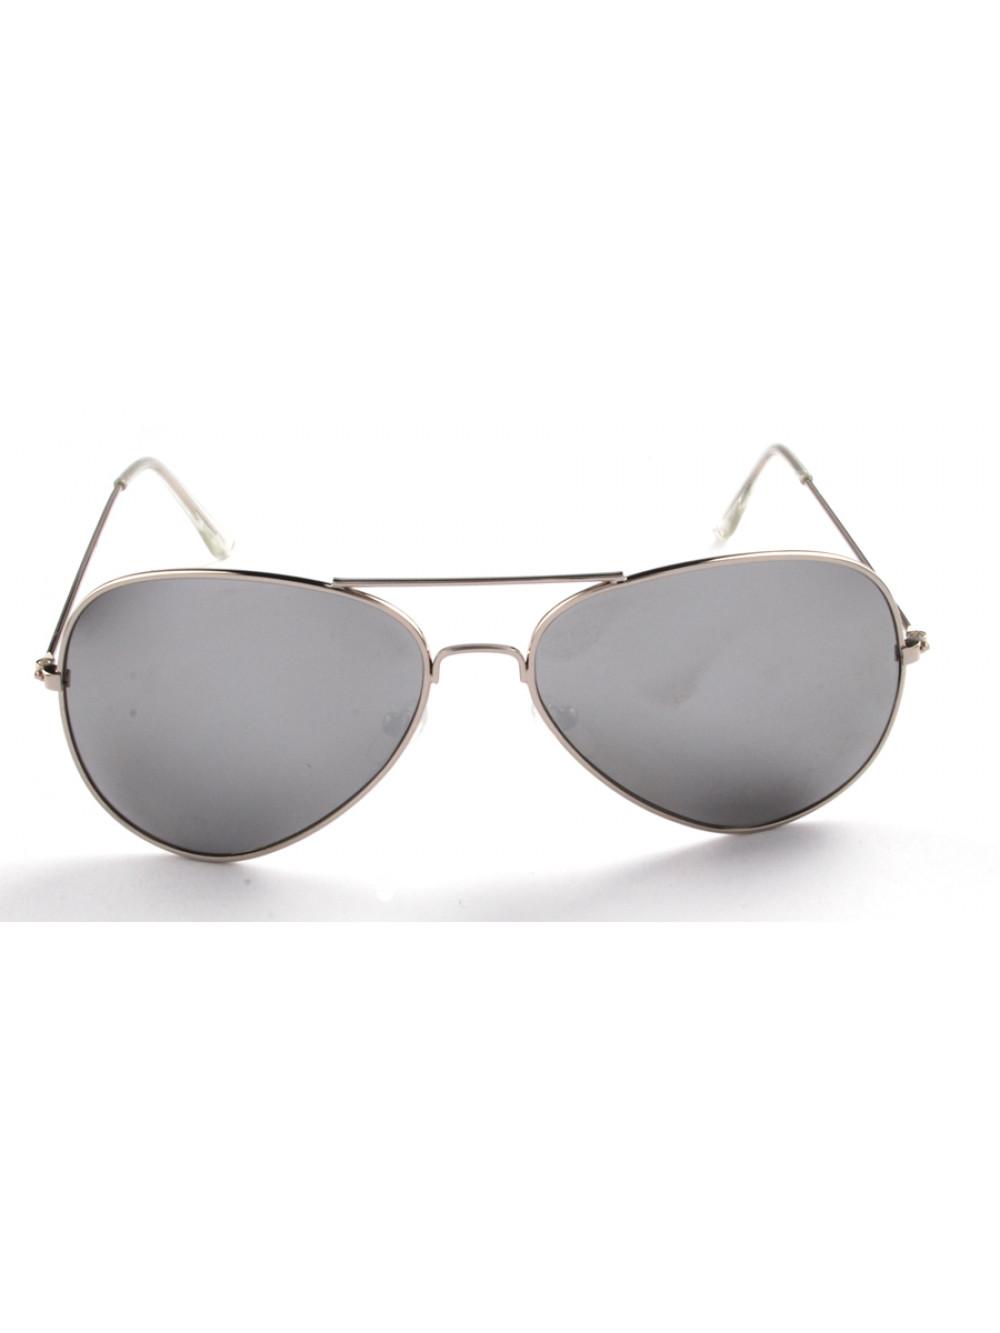 Slnečné okuliare Aviator Pilot Silver polarizačné strieborné 5c06468c6fa